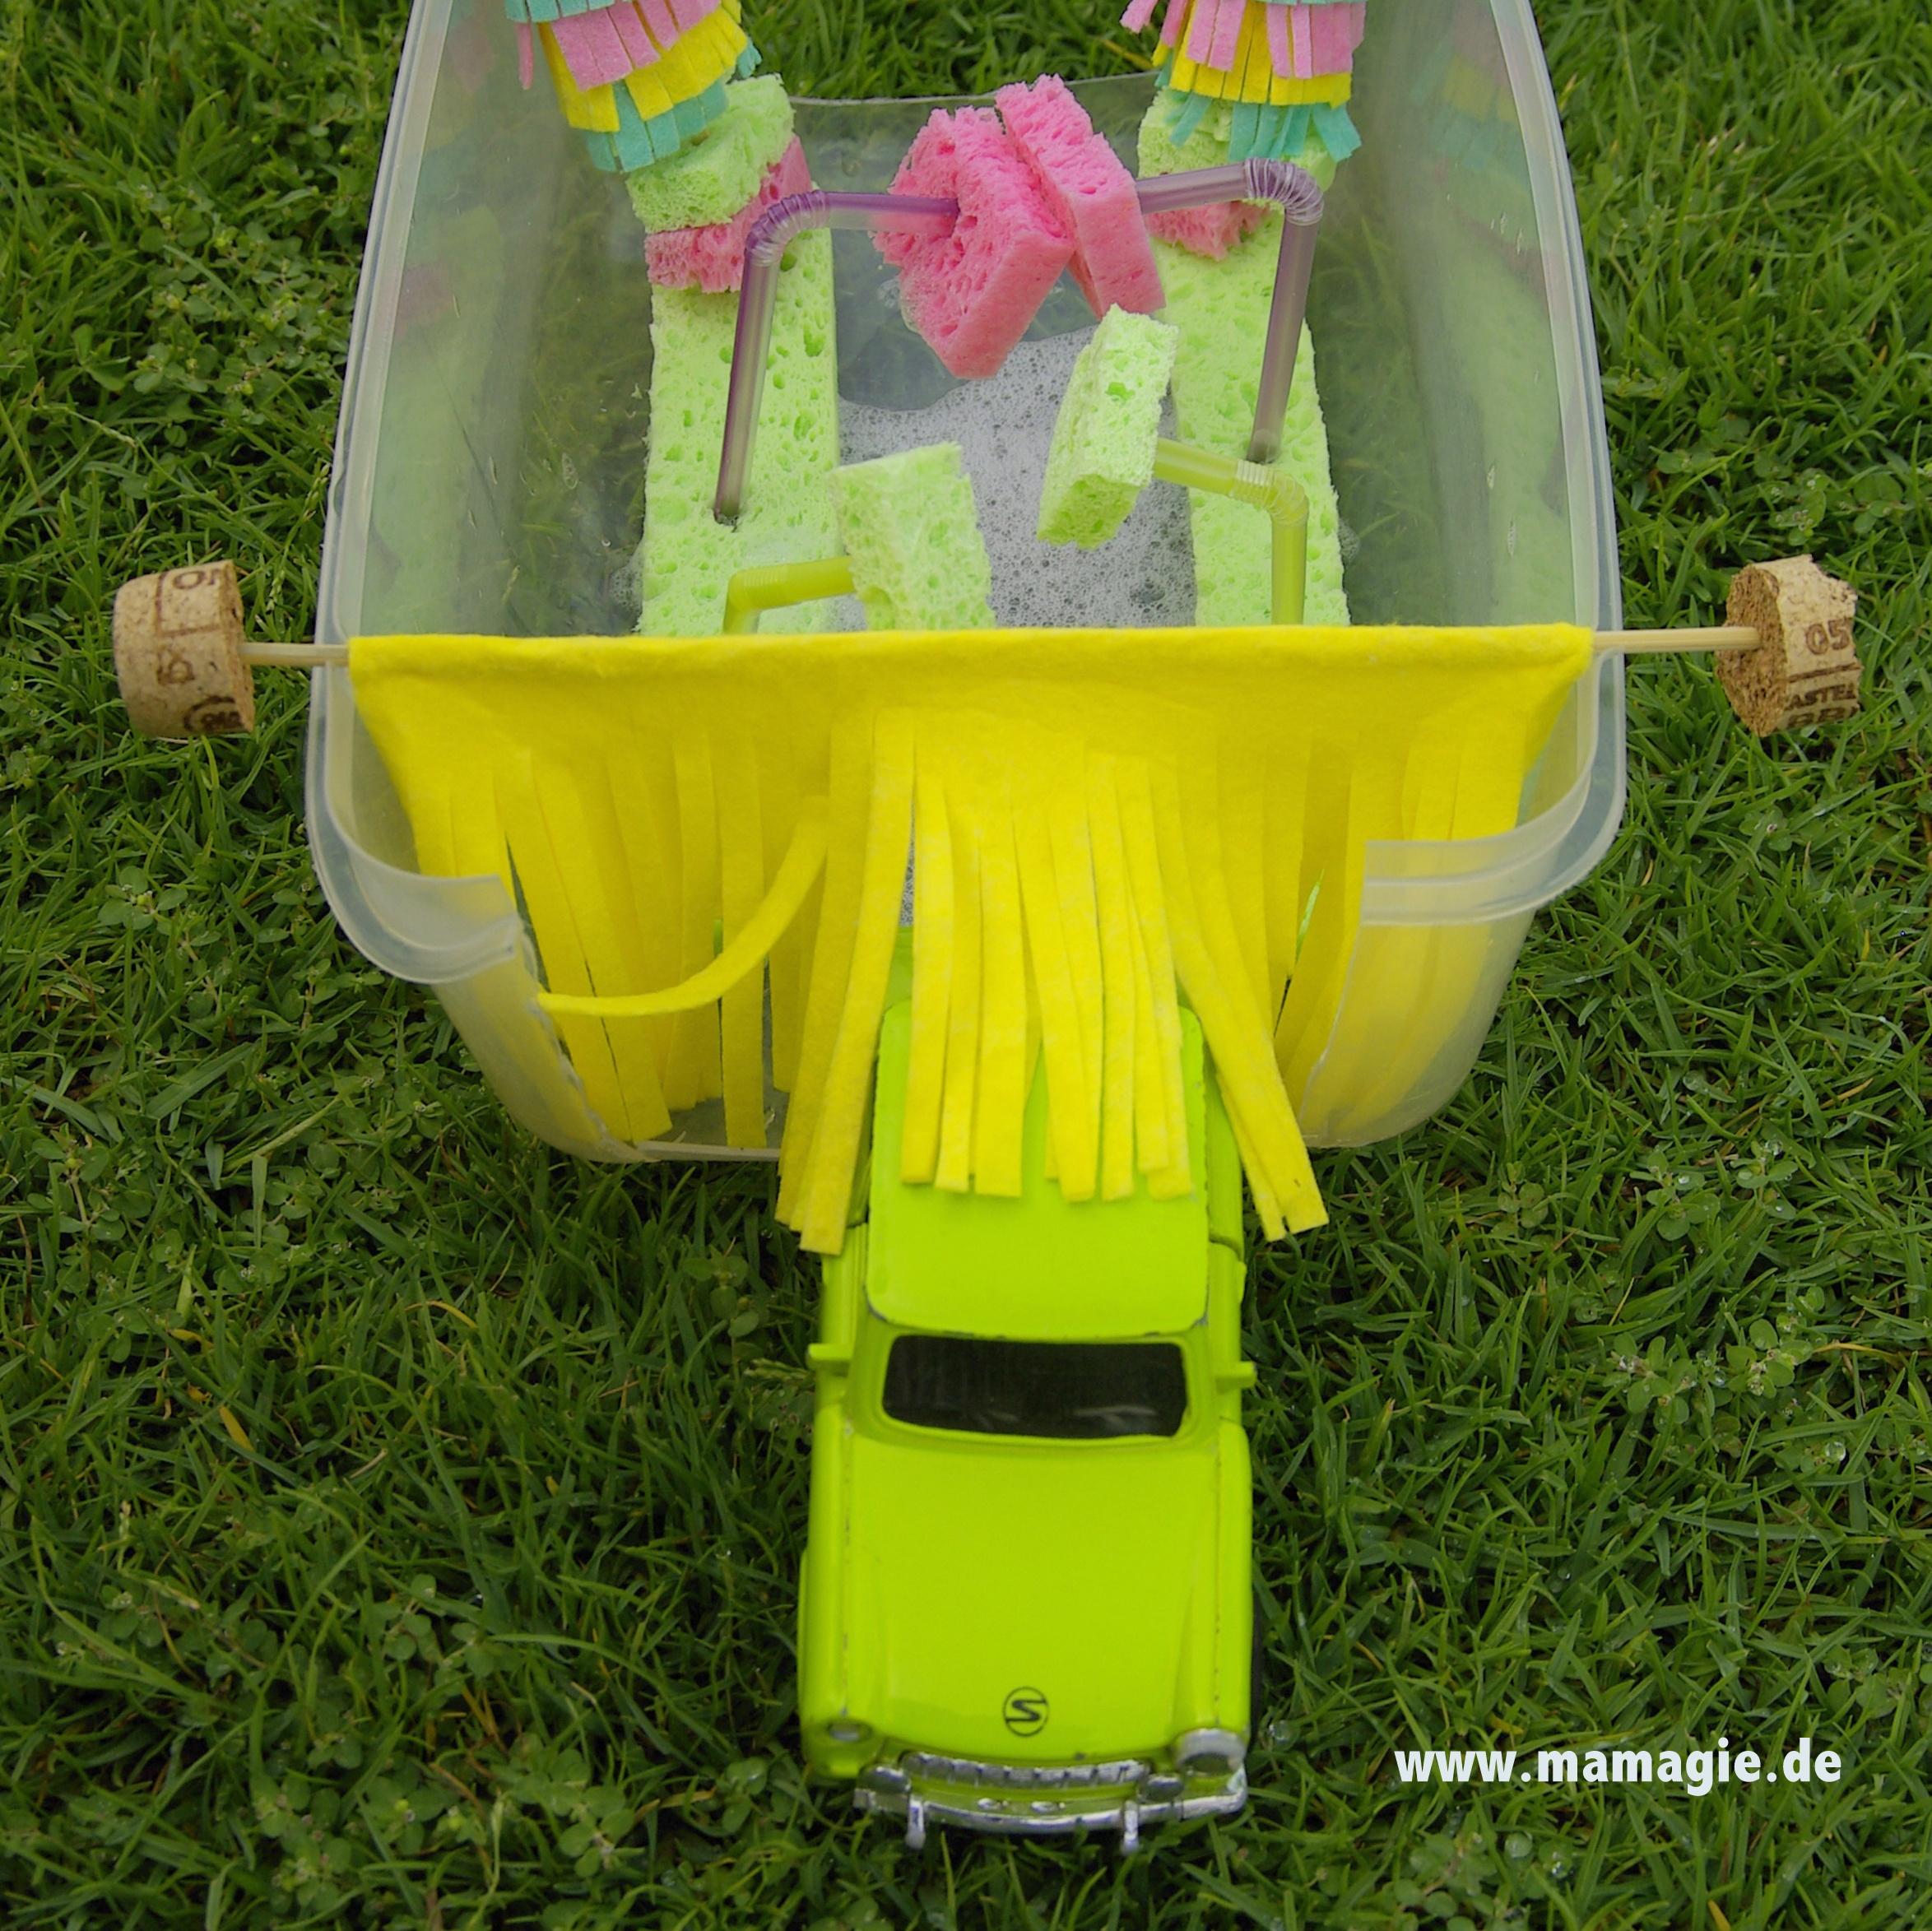 Diy dienstag waschstraße waschanlage spielzeugautos